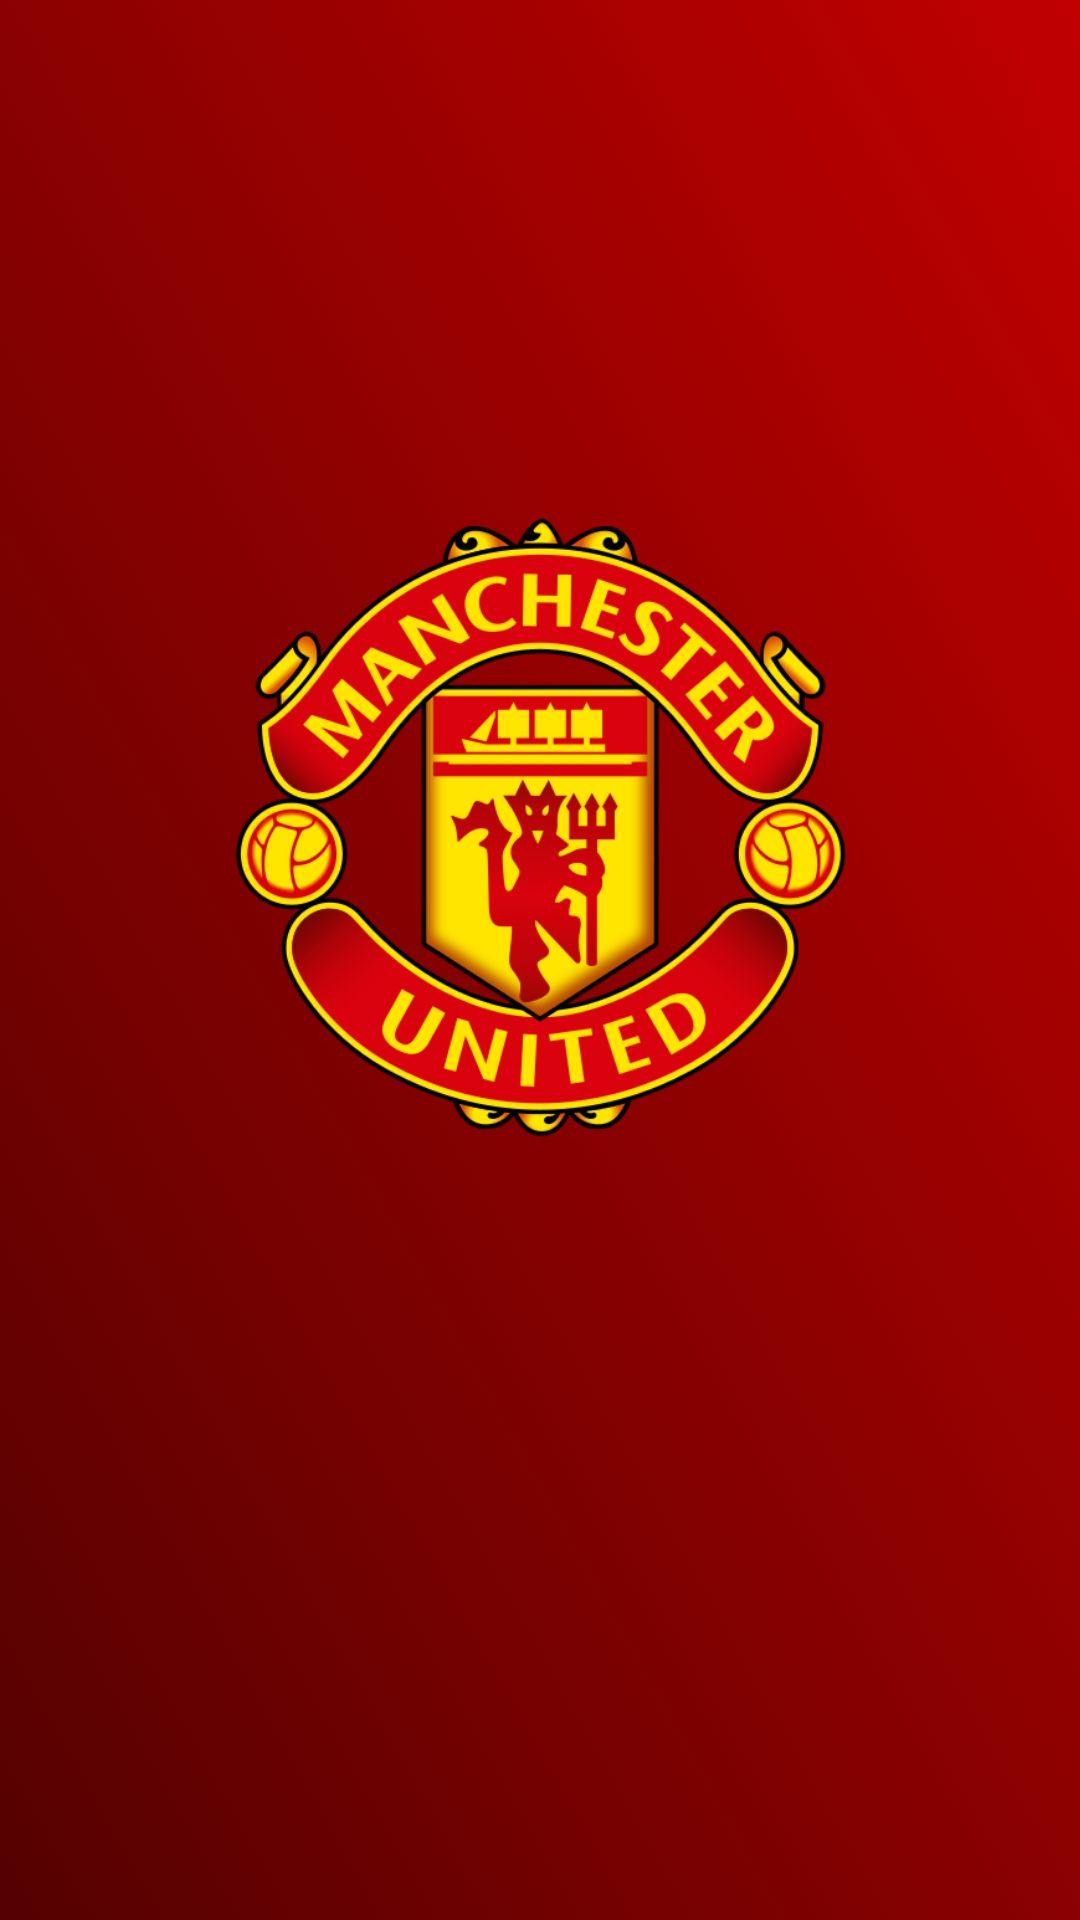 Manchester United Iphone Wallpaper u0e41u0e21u0e19u0e40u0e0au0e2au0e40u0e15u0e2du0e23 u0e22 u0e44u0e19u0e40u0e15 u0e14 u0e41u0e21u0e19 u0e1eu0e23 u0e40u0e21 u0e22u0e23 u0e25 u0e01